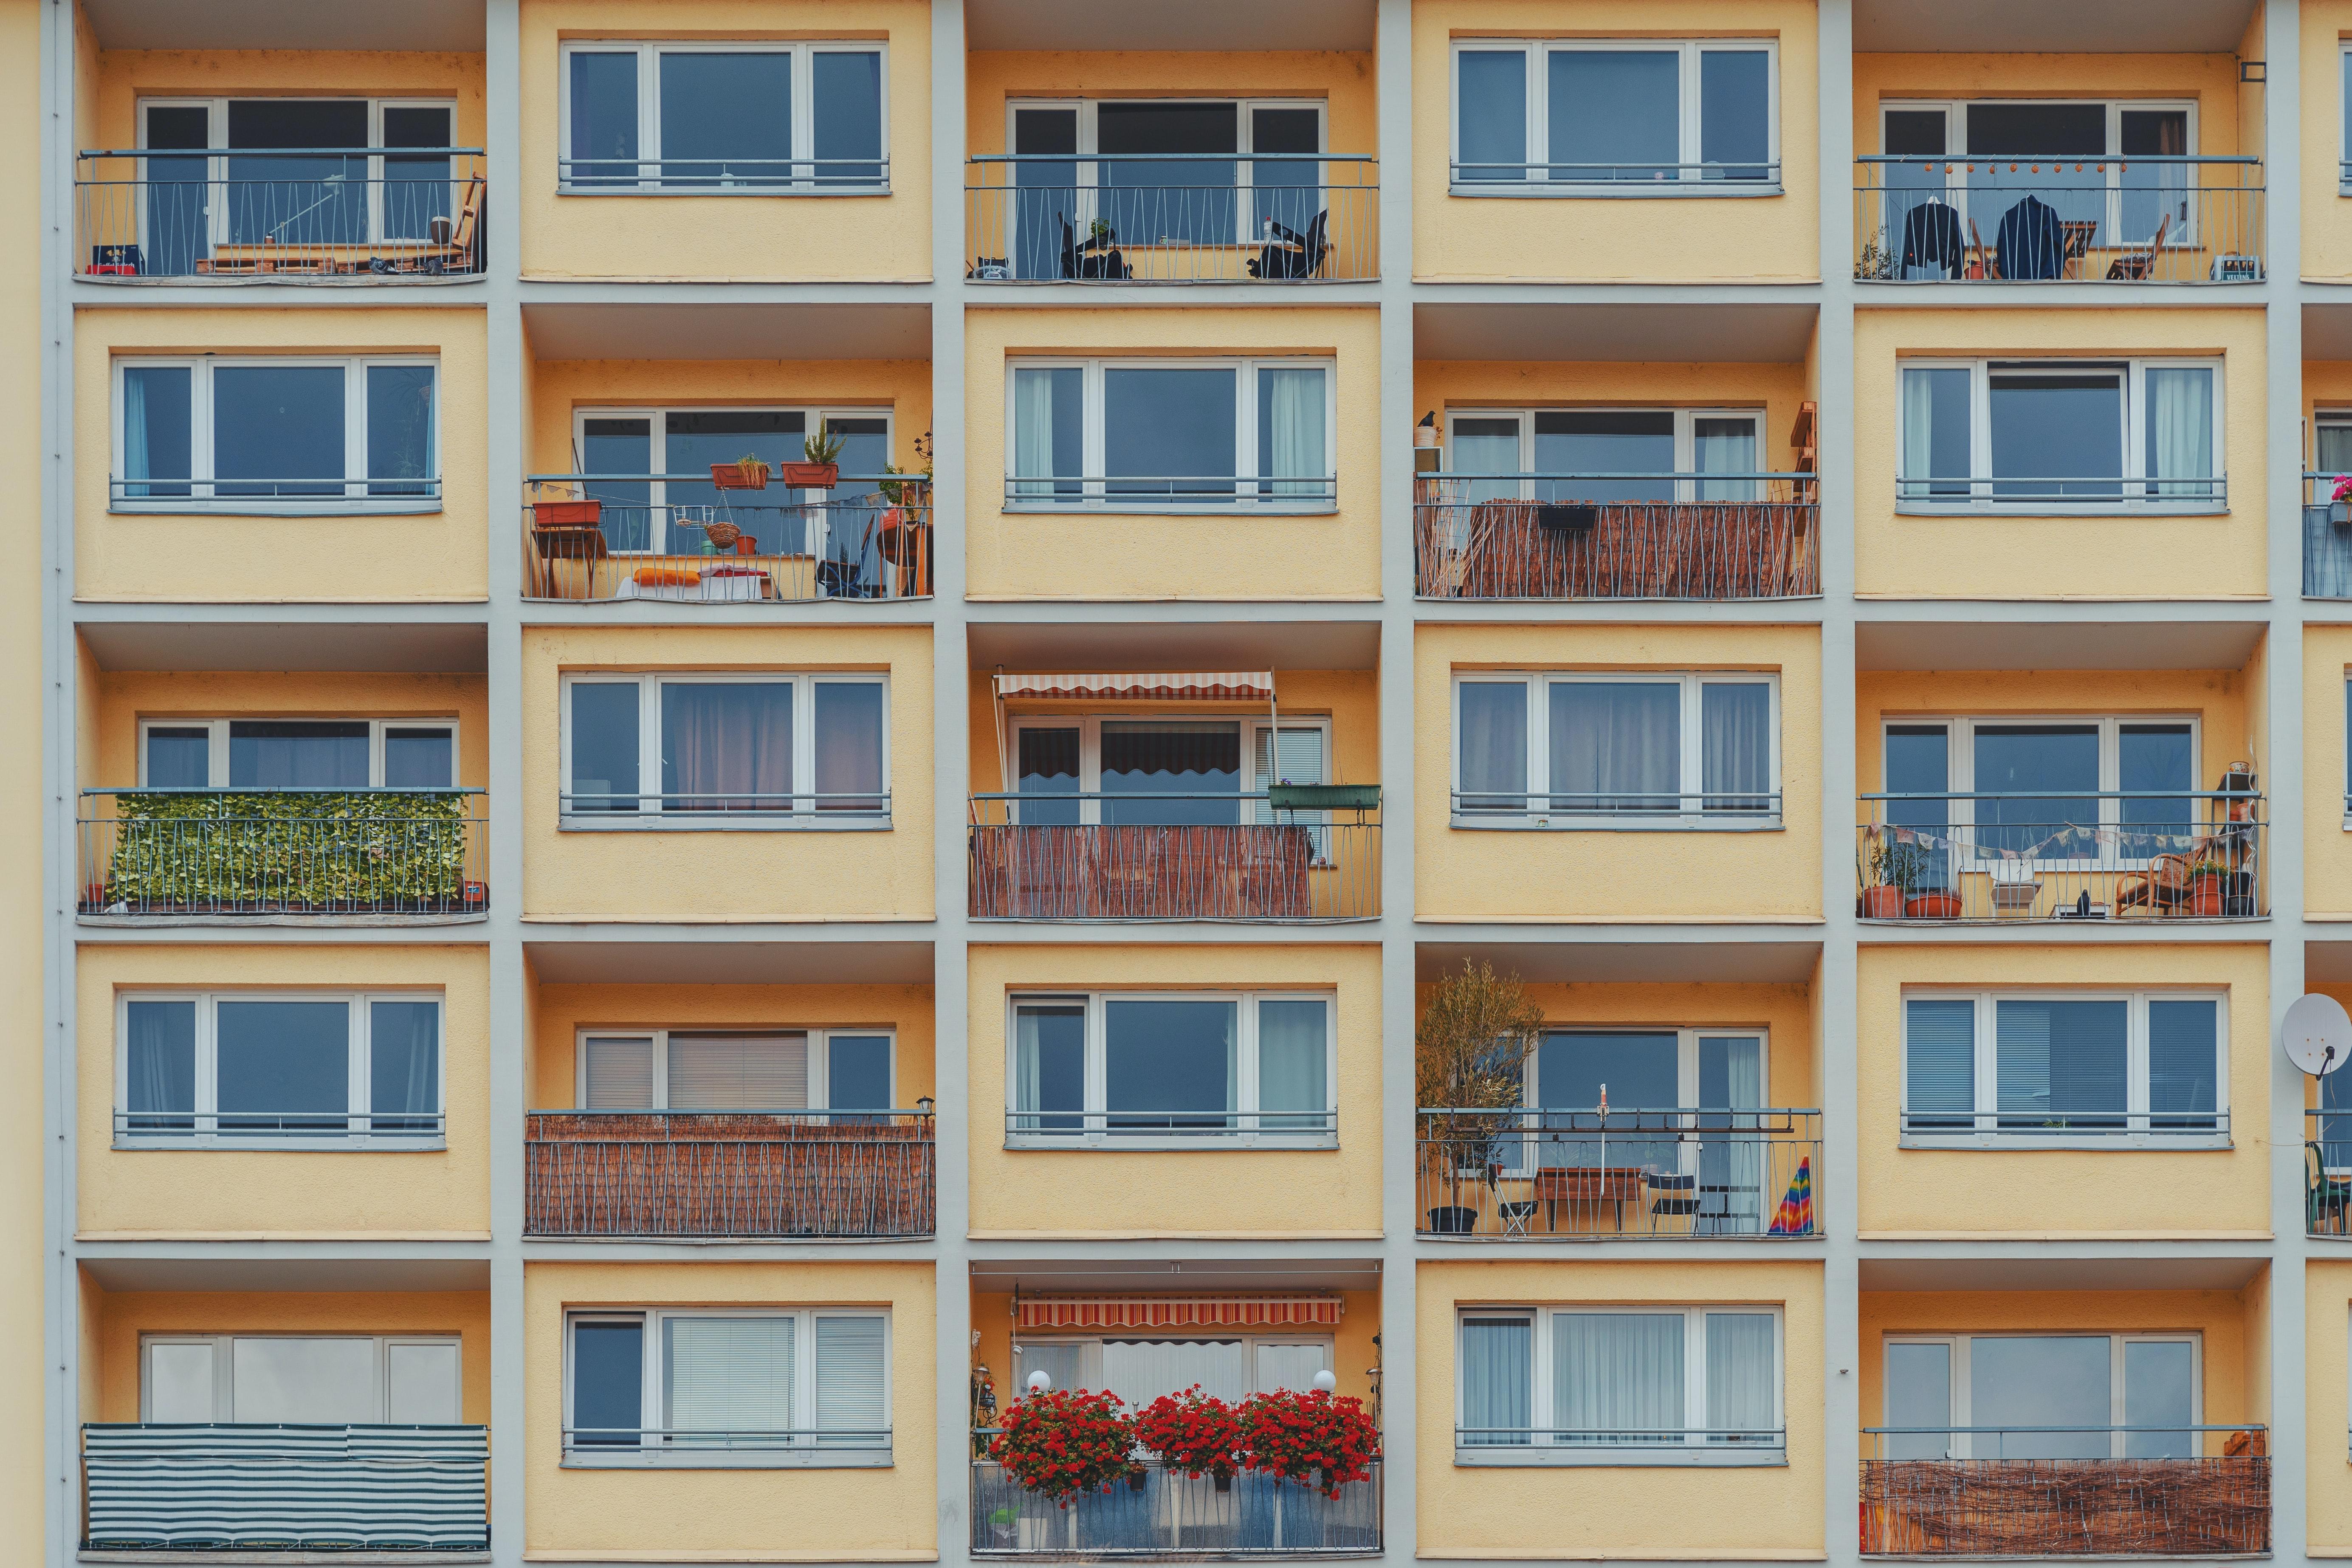 Photo by Daniel von Appen on Unsplash